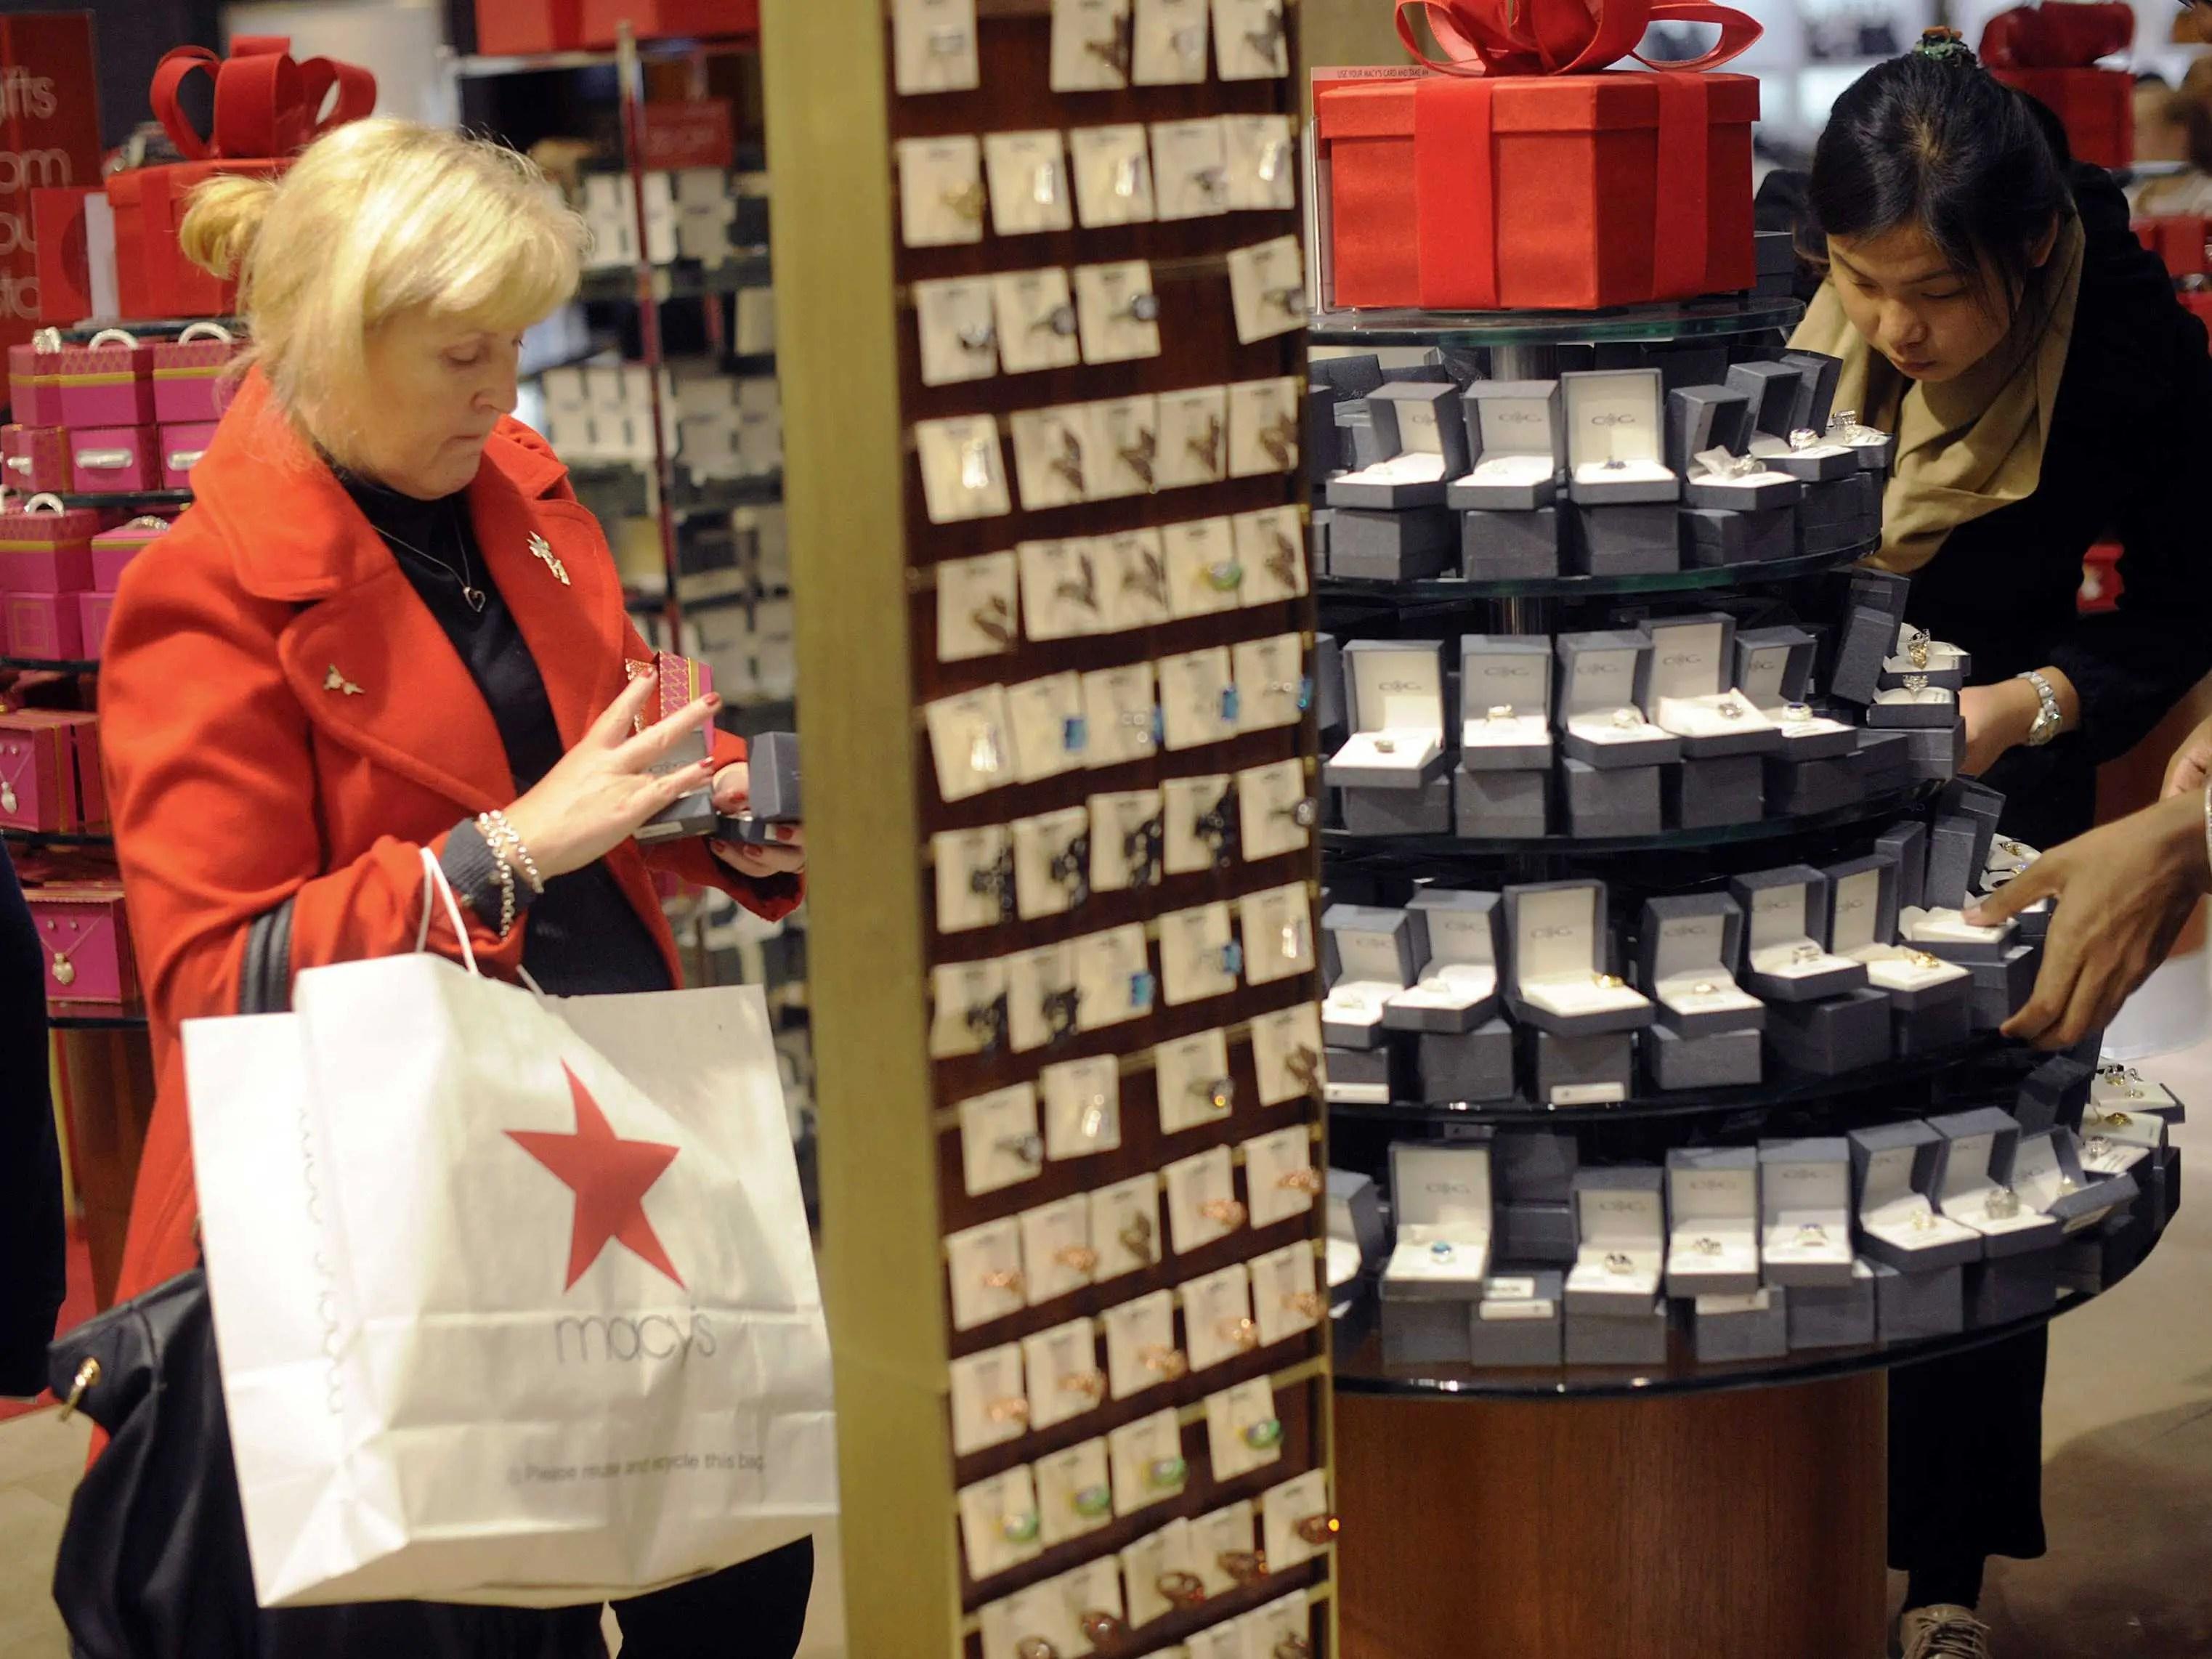 baby boomer shopping macy's